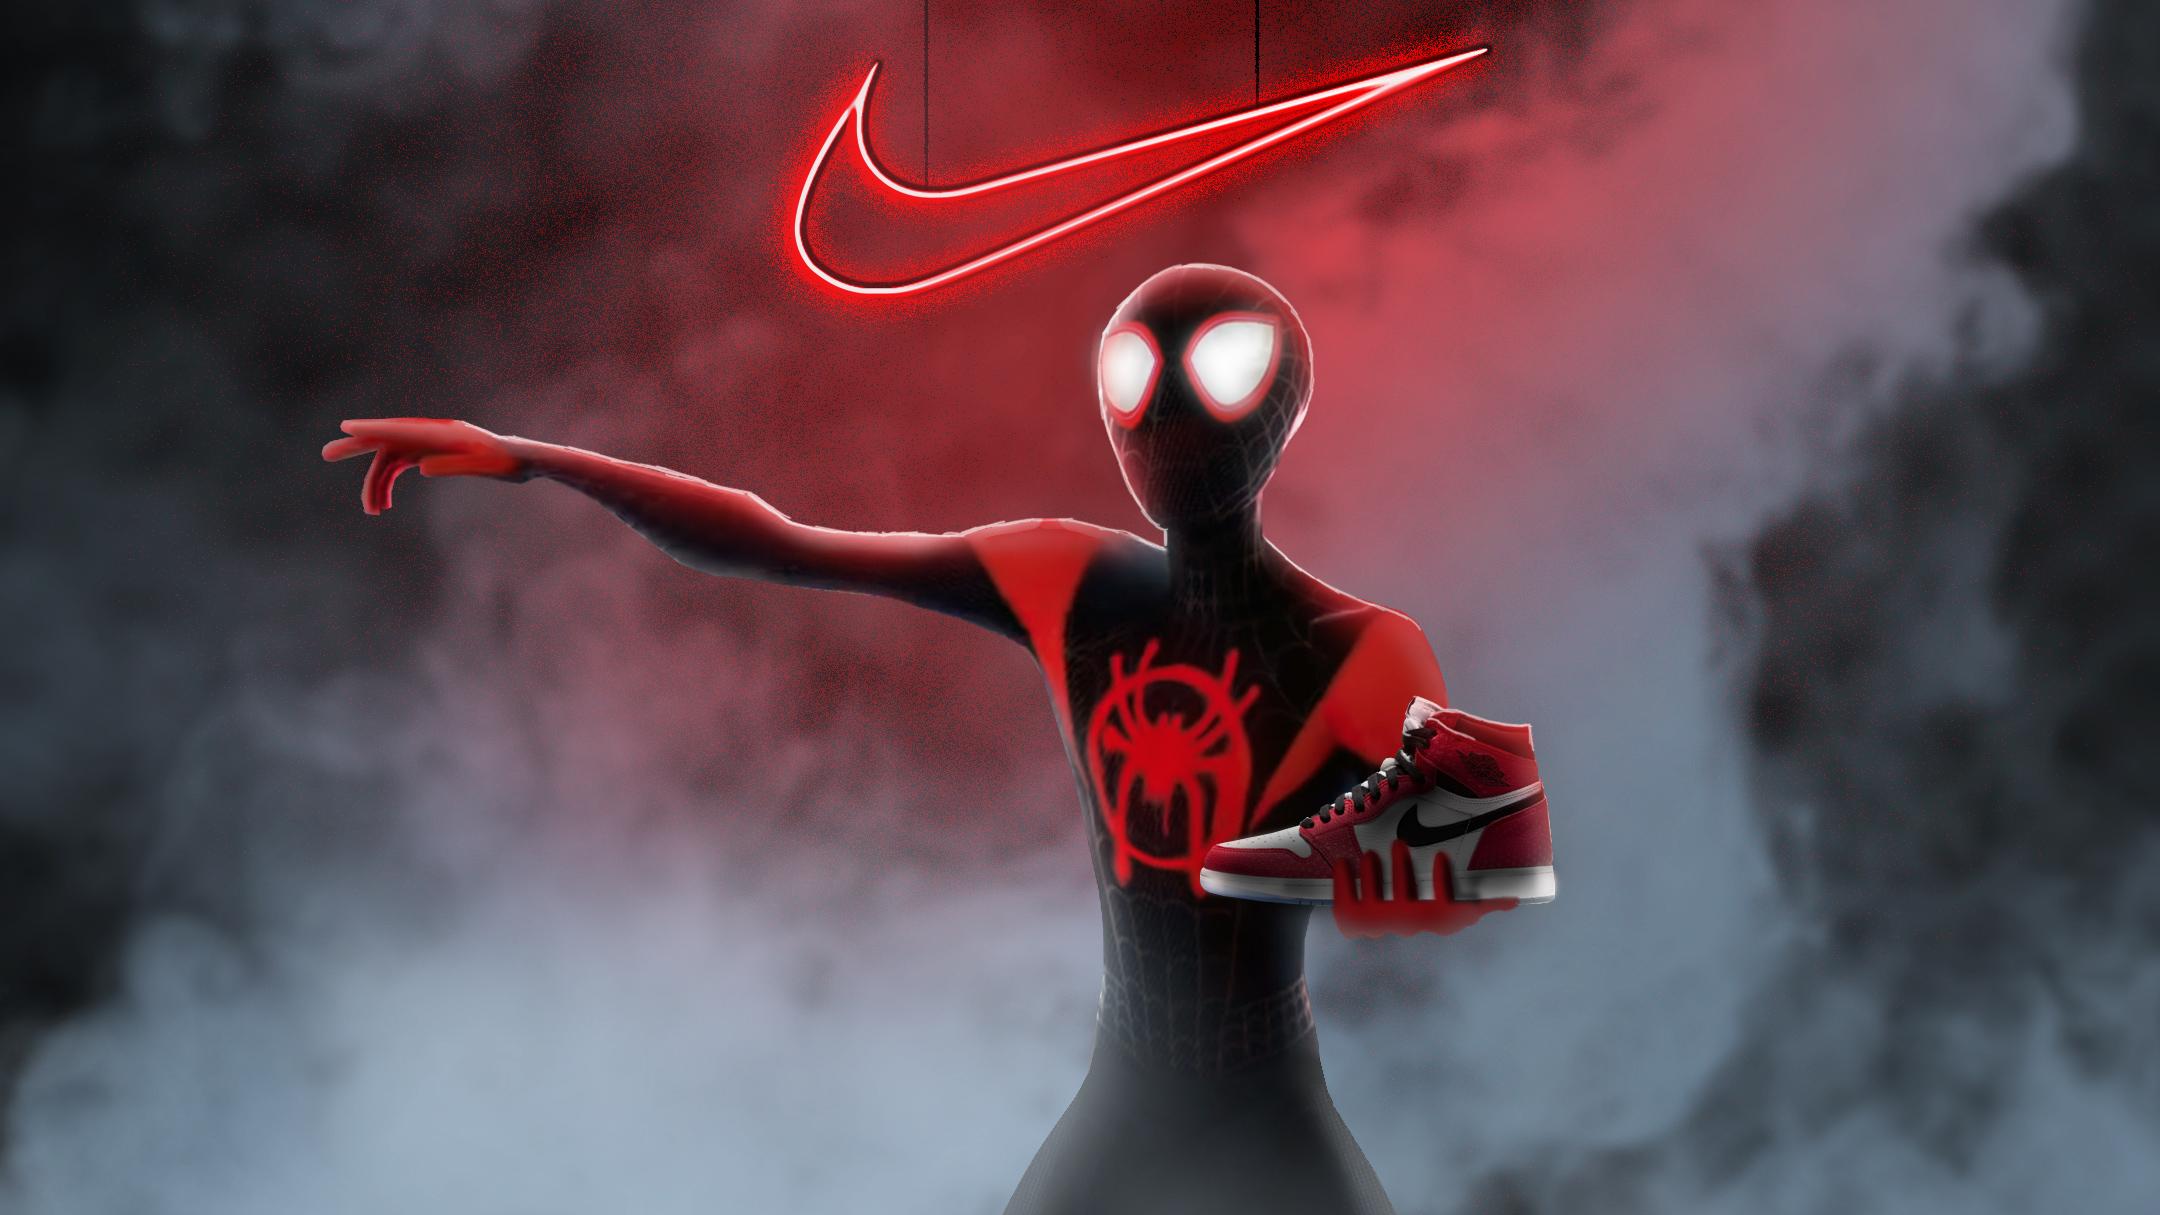 Spiderman Miles Morales Nike Air Jordan Hd Superheroes 4k